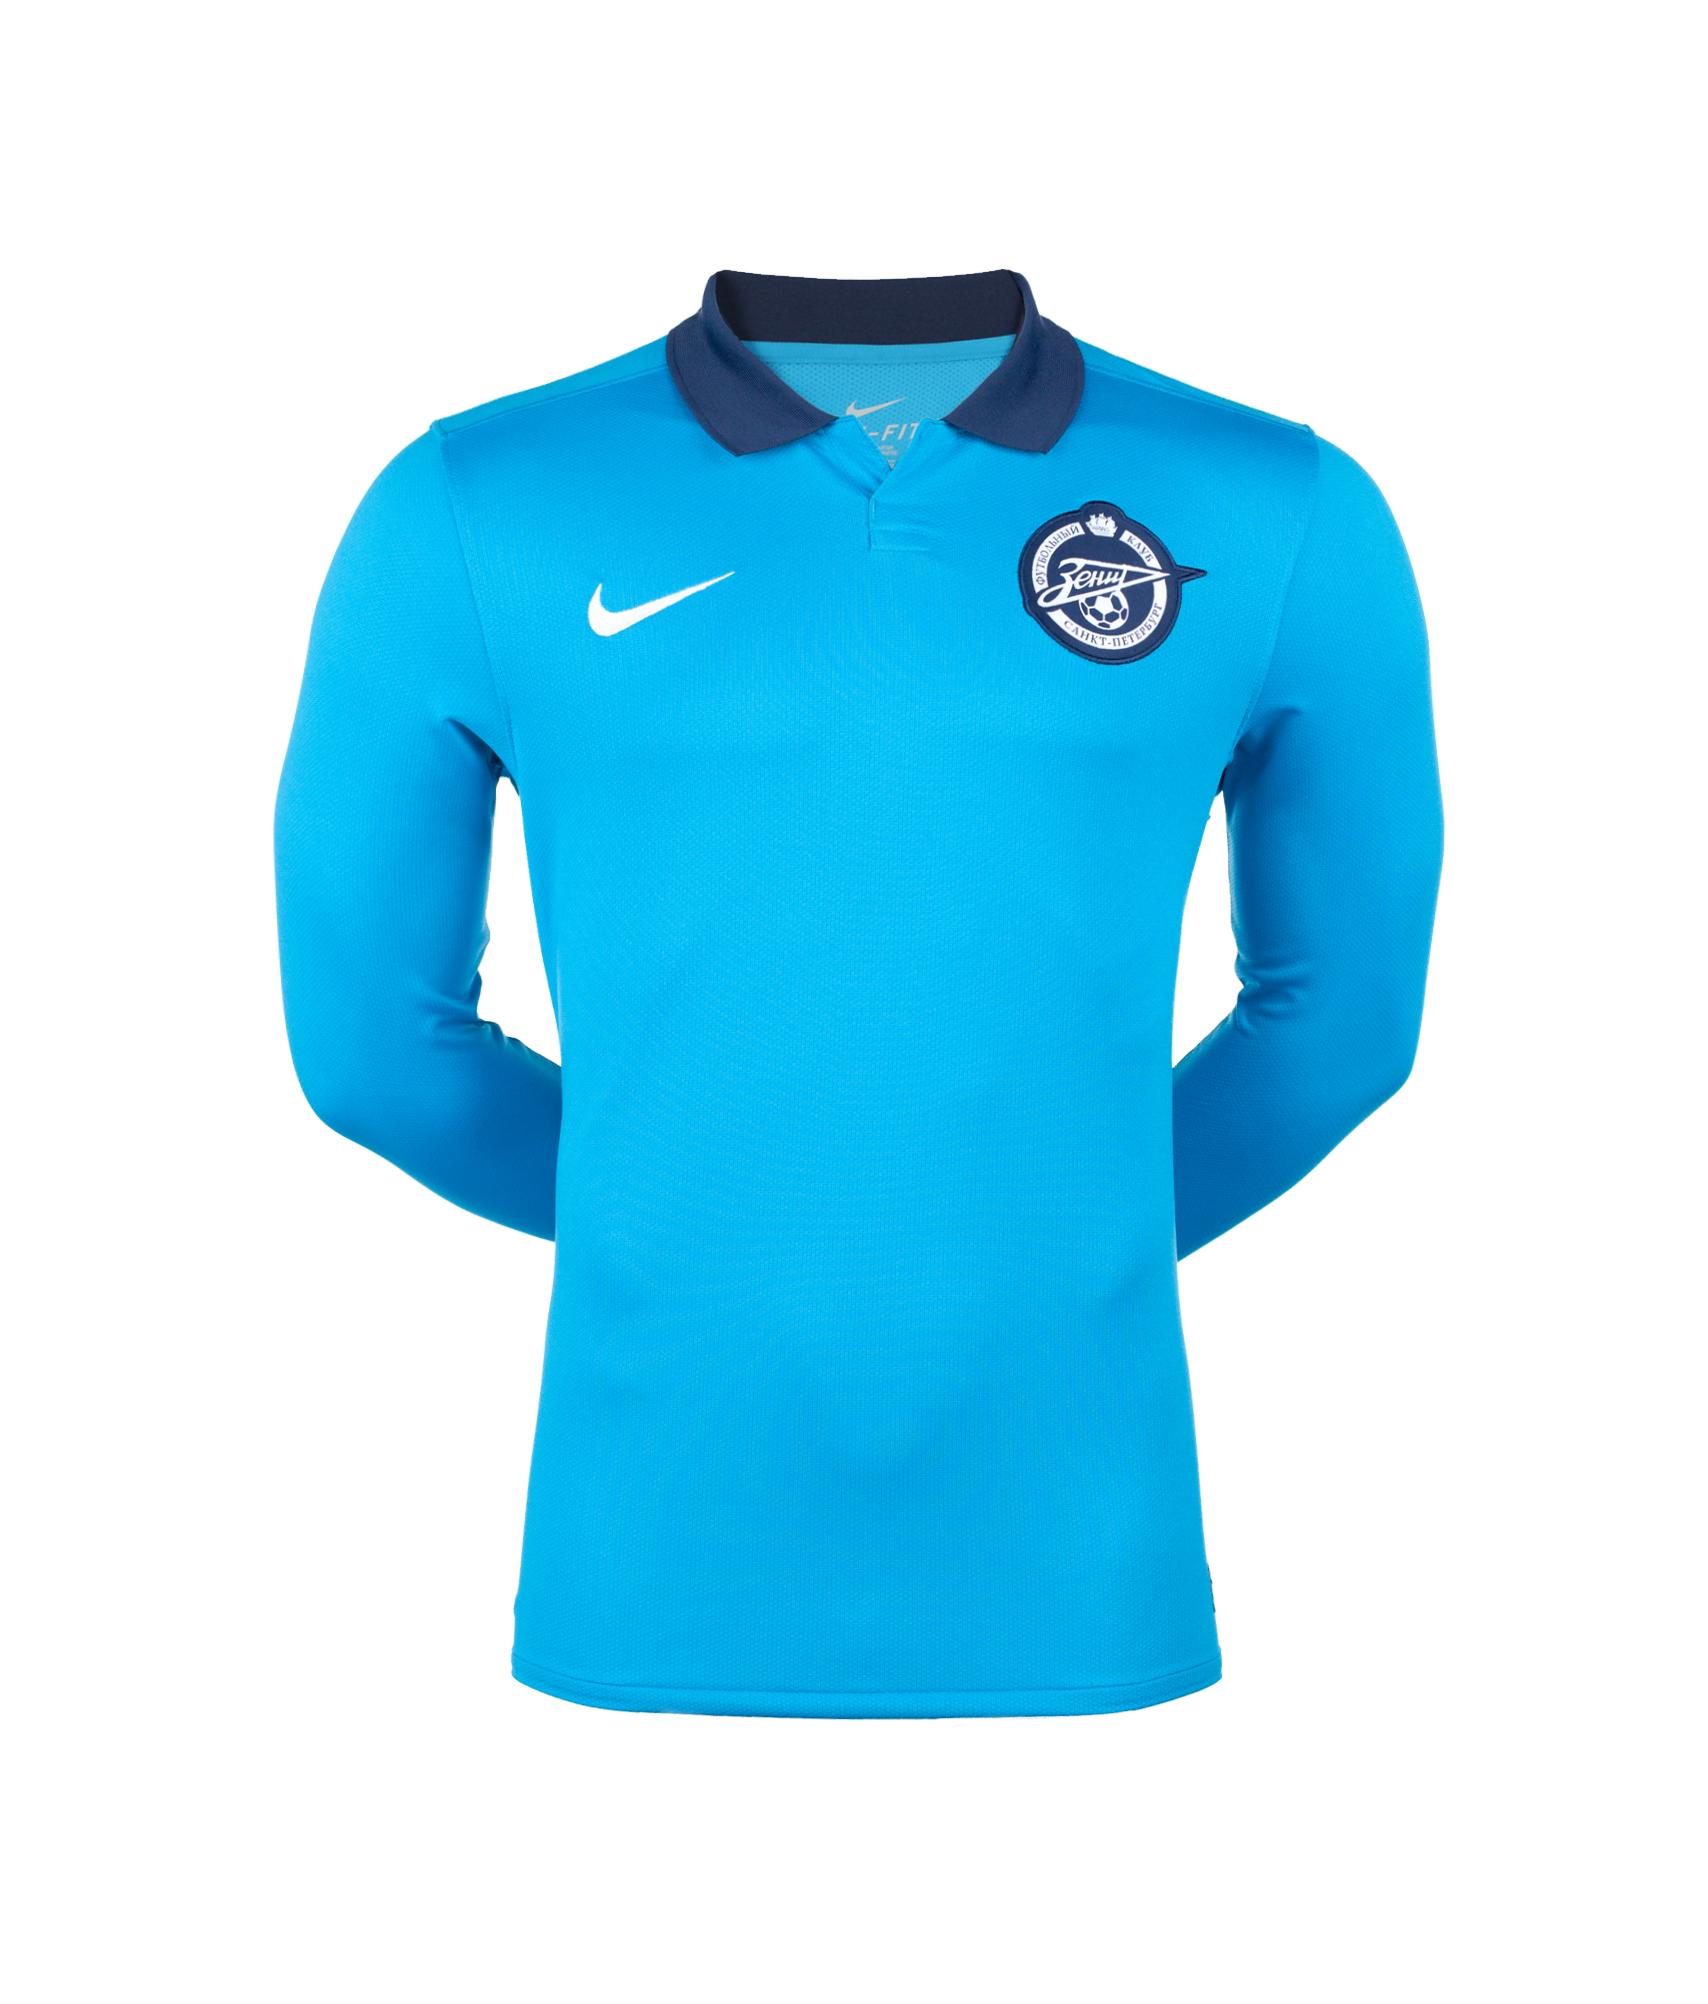 Игровая футболка с длинным рукавом, Цвет-Лазурный, Размер-XL